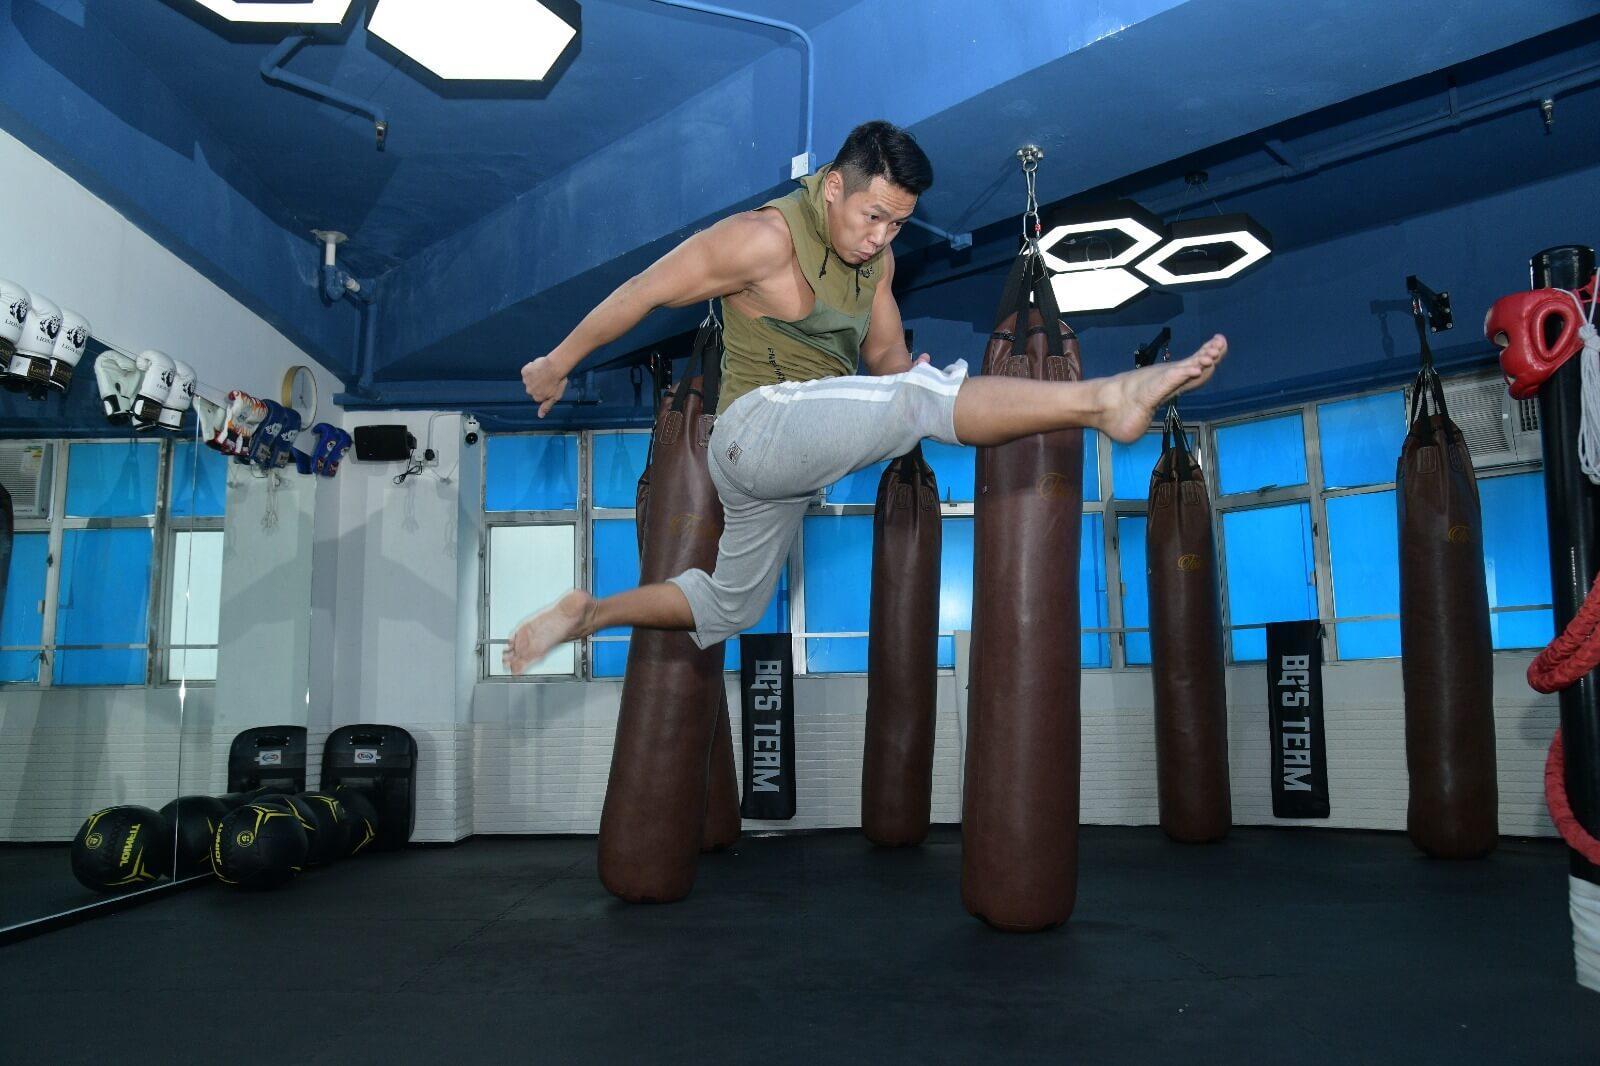 跳起踢腳的動作,主要是踢對方的頭部。